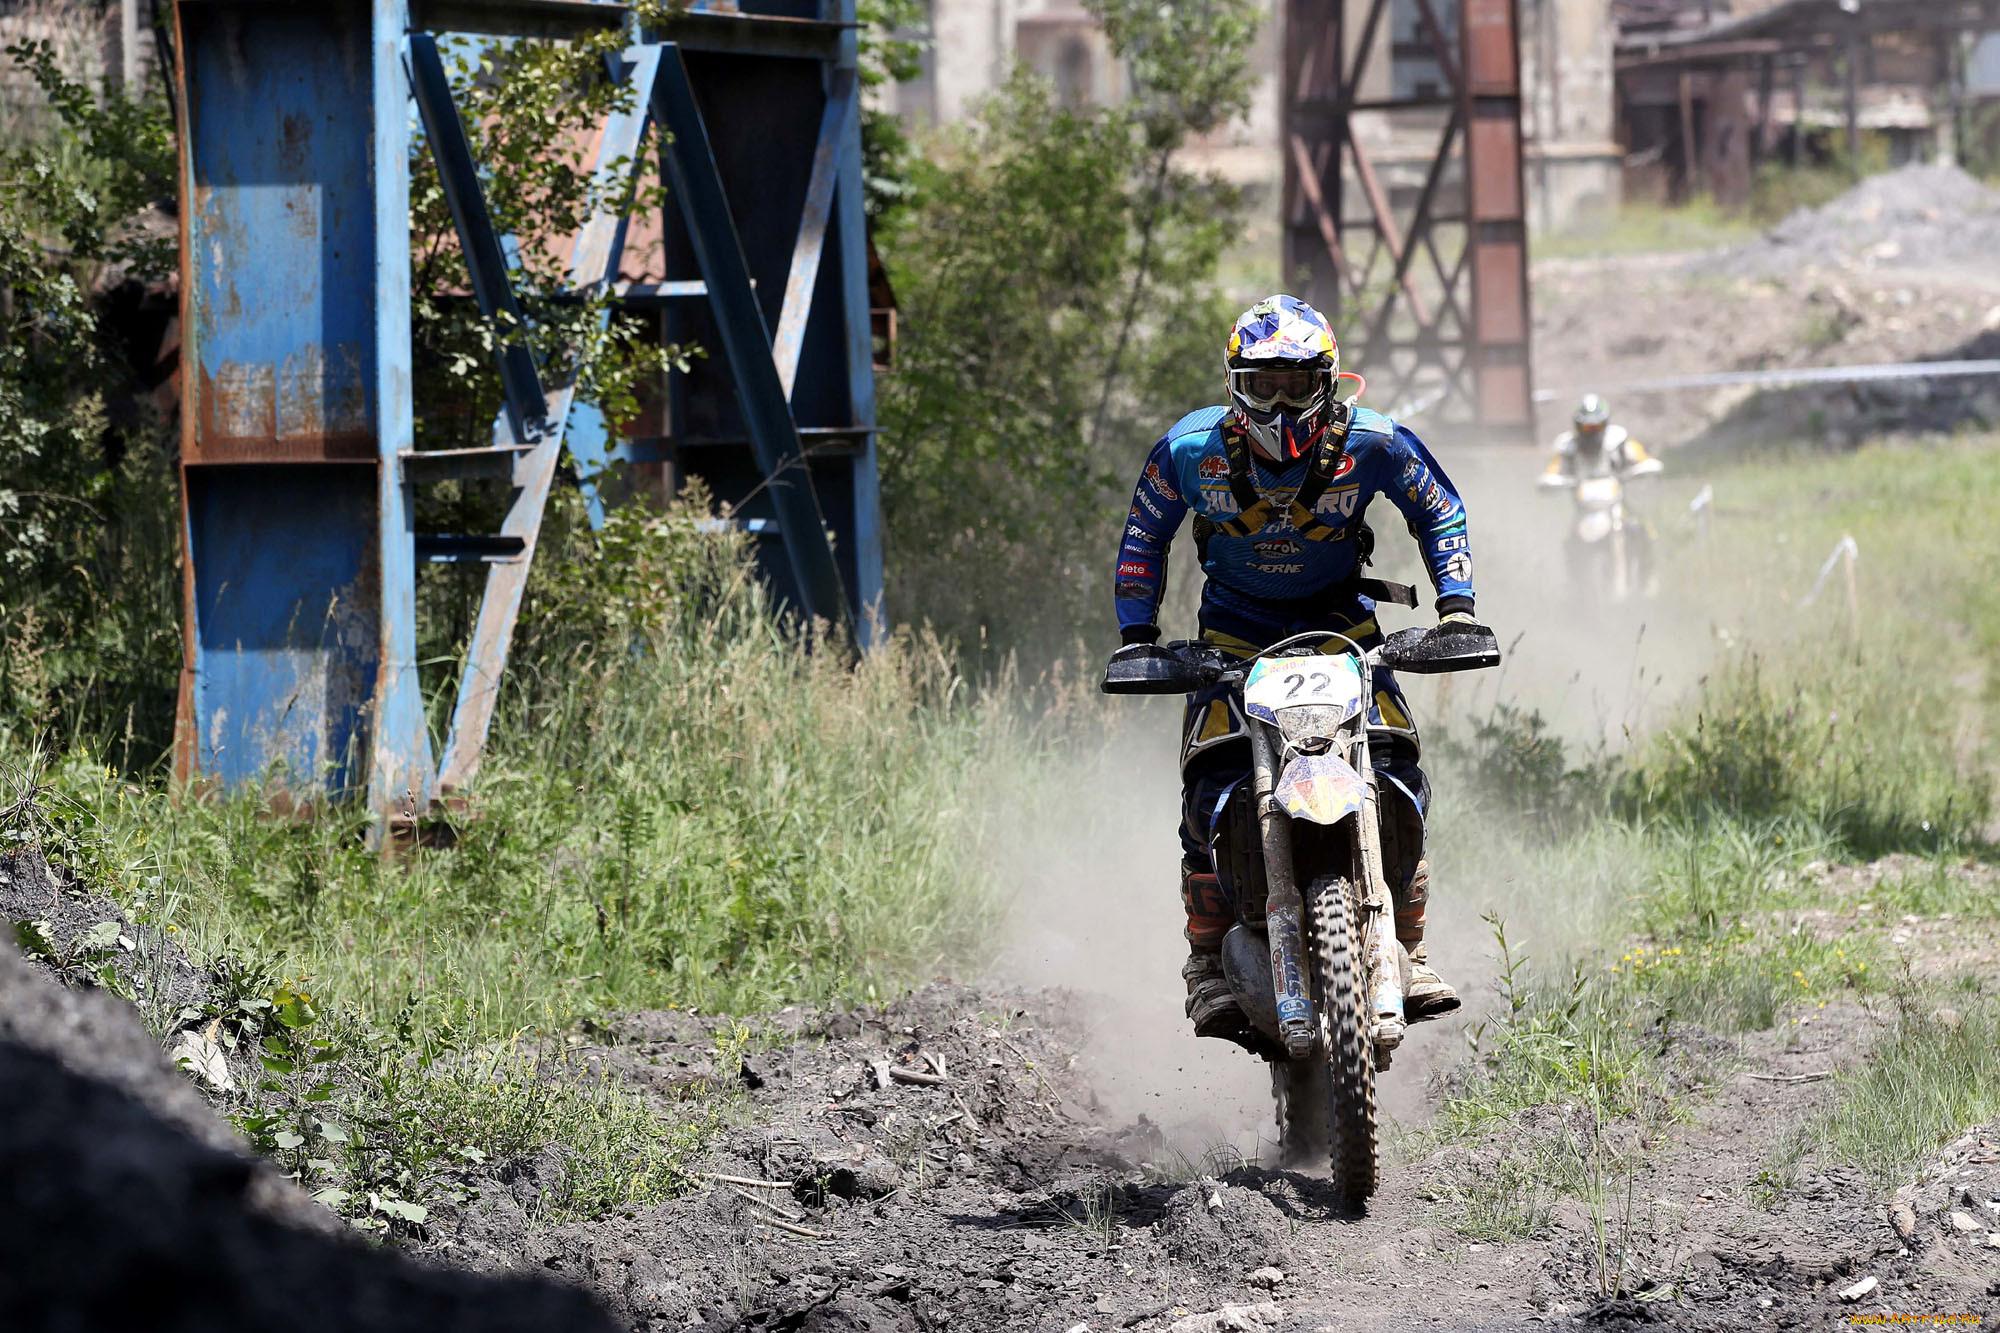 спорт, мотокросс, 2013, гонка